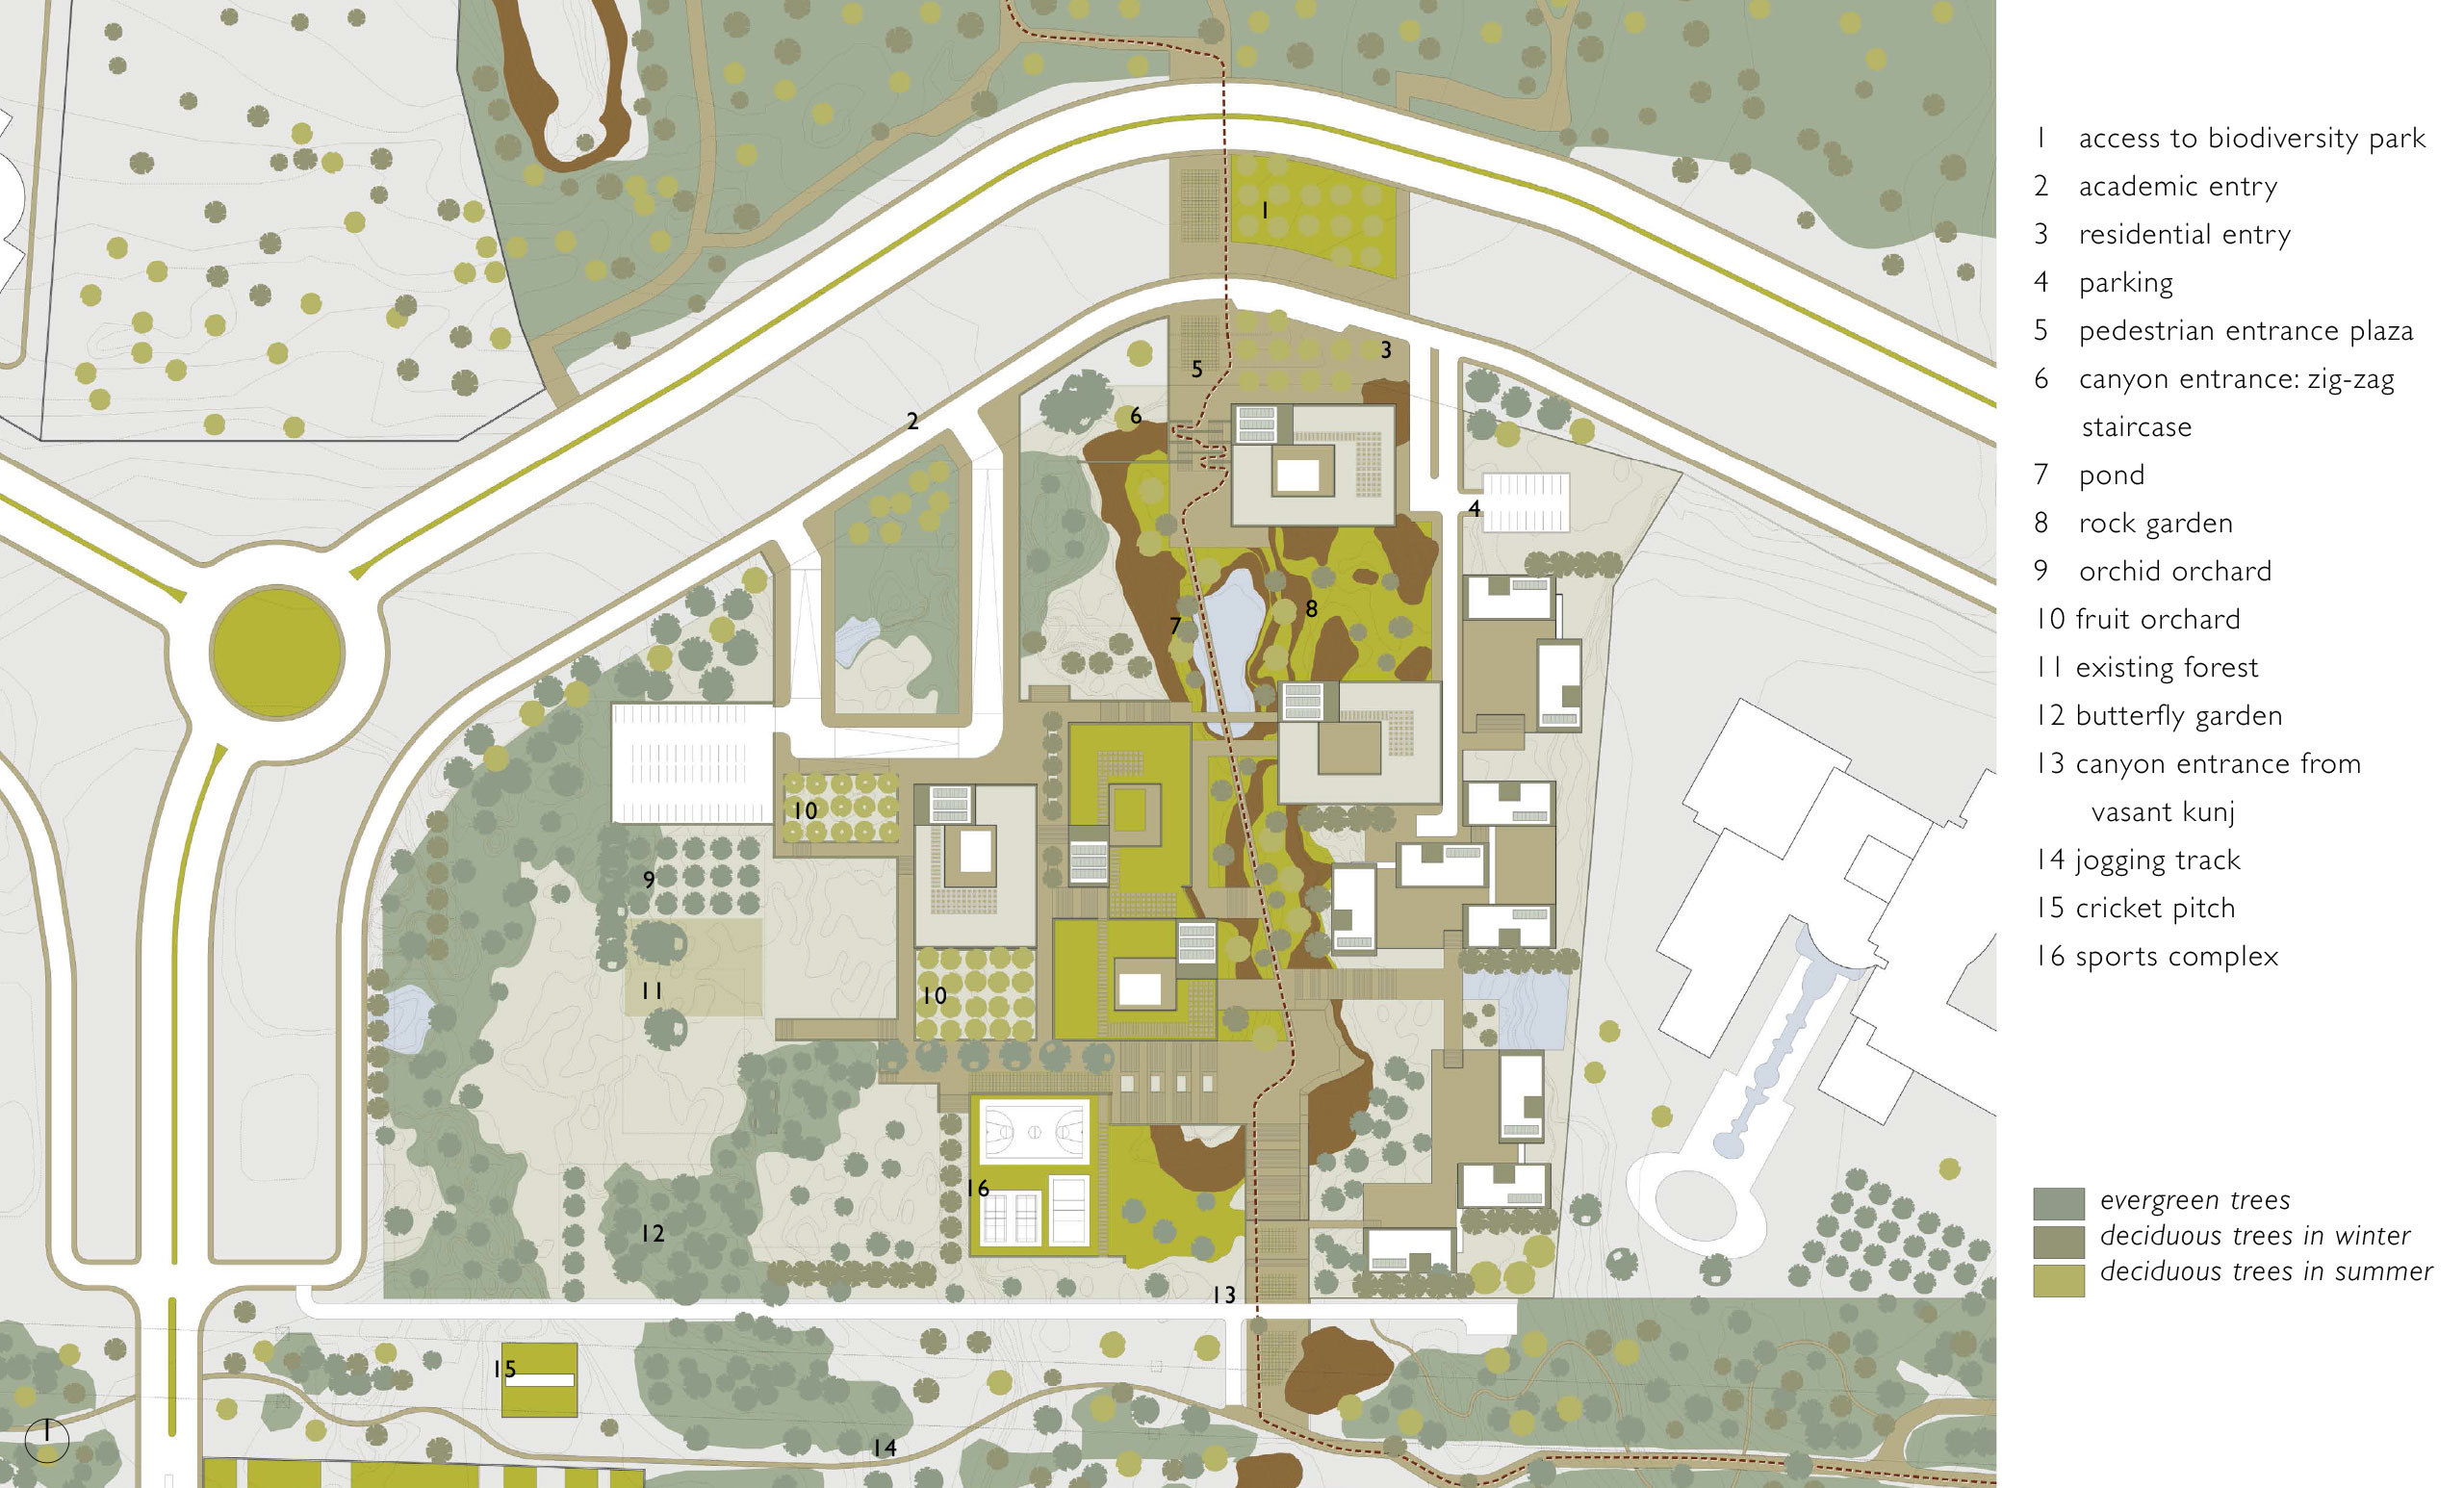 spa delhi competition design masterplan school design